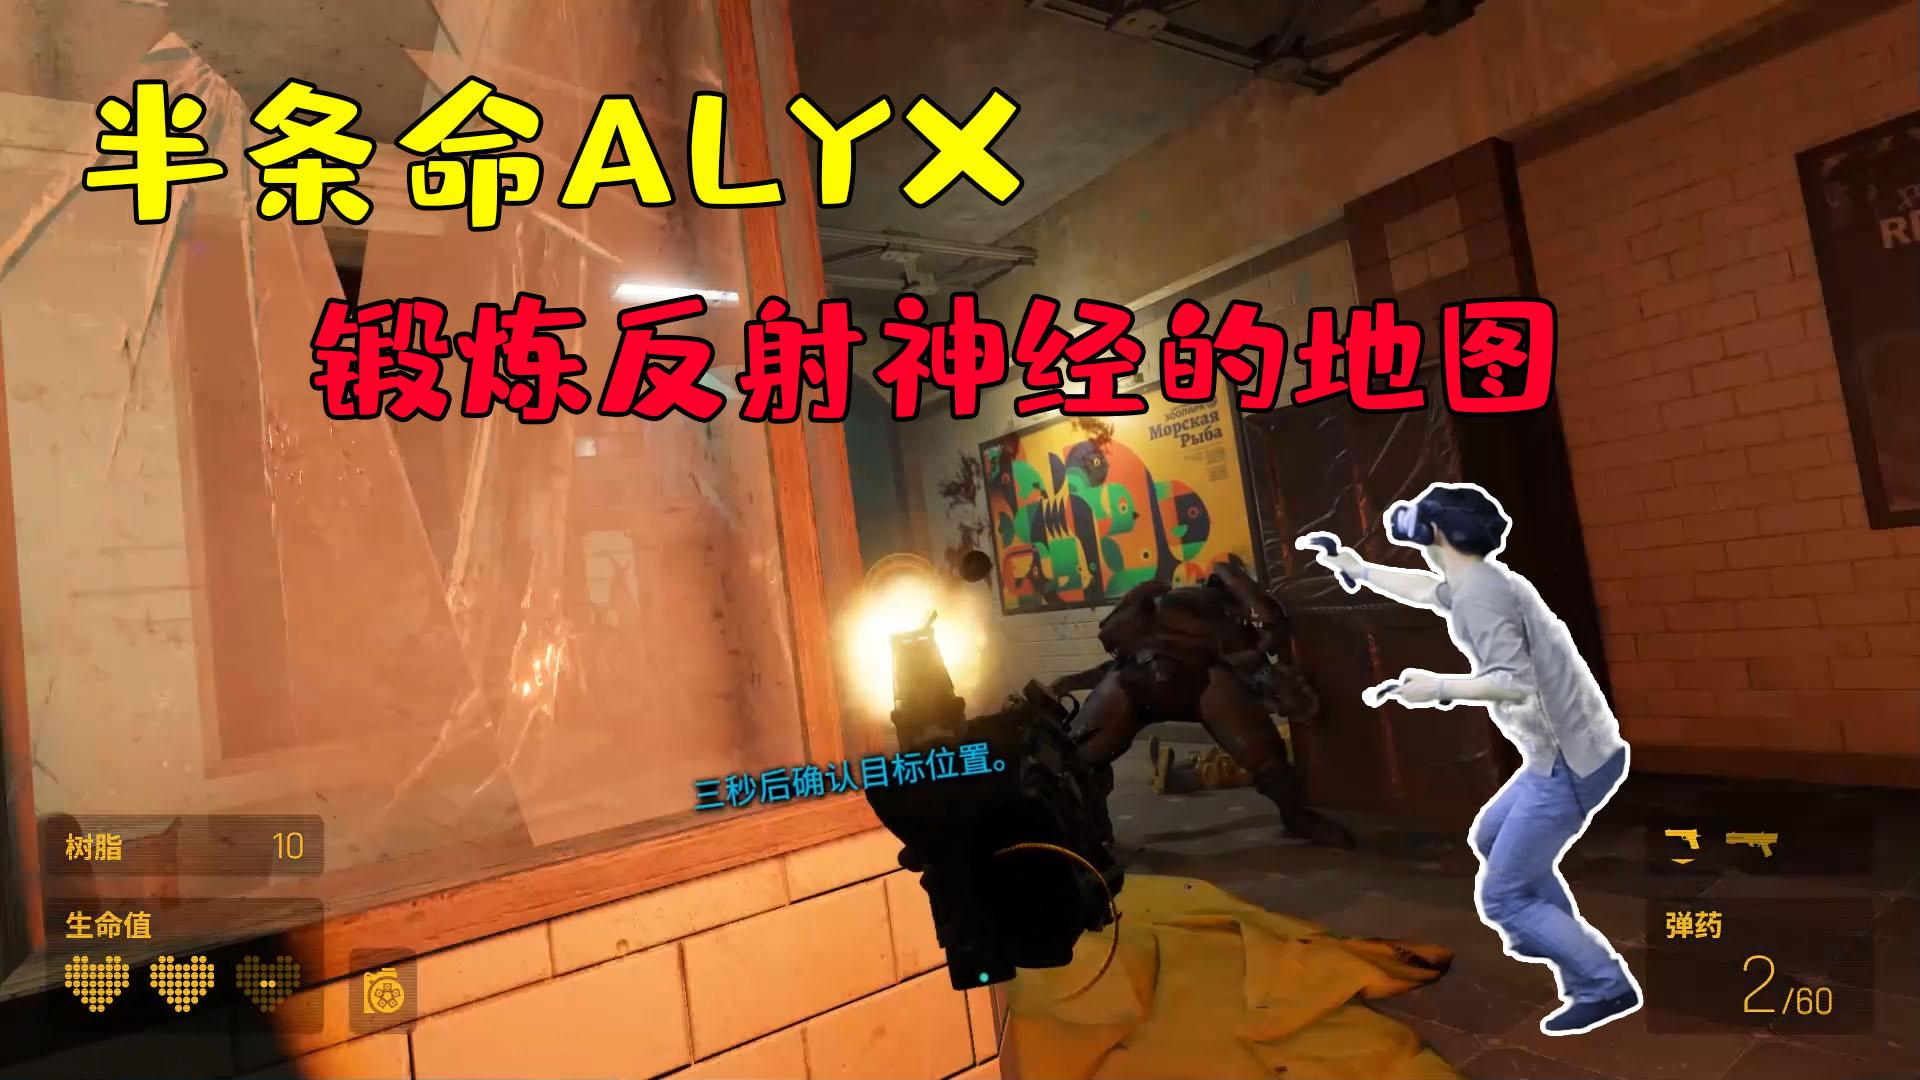 VR半条命alyx:好评最高的地图,敌人像打鸡血般疯狂!